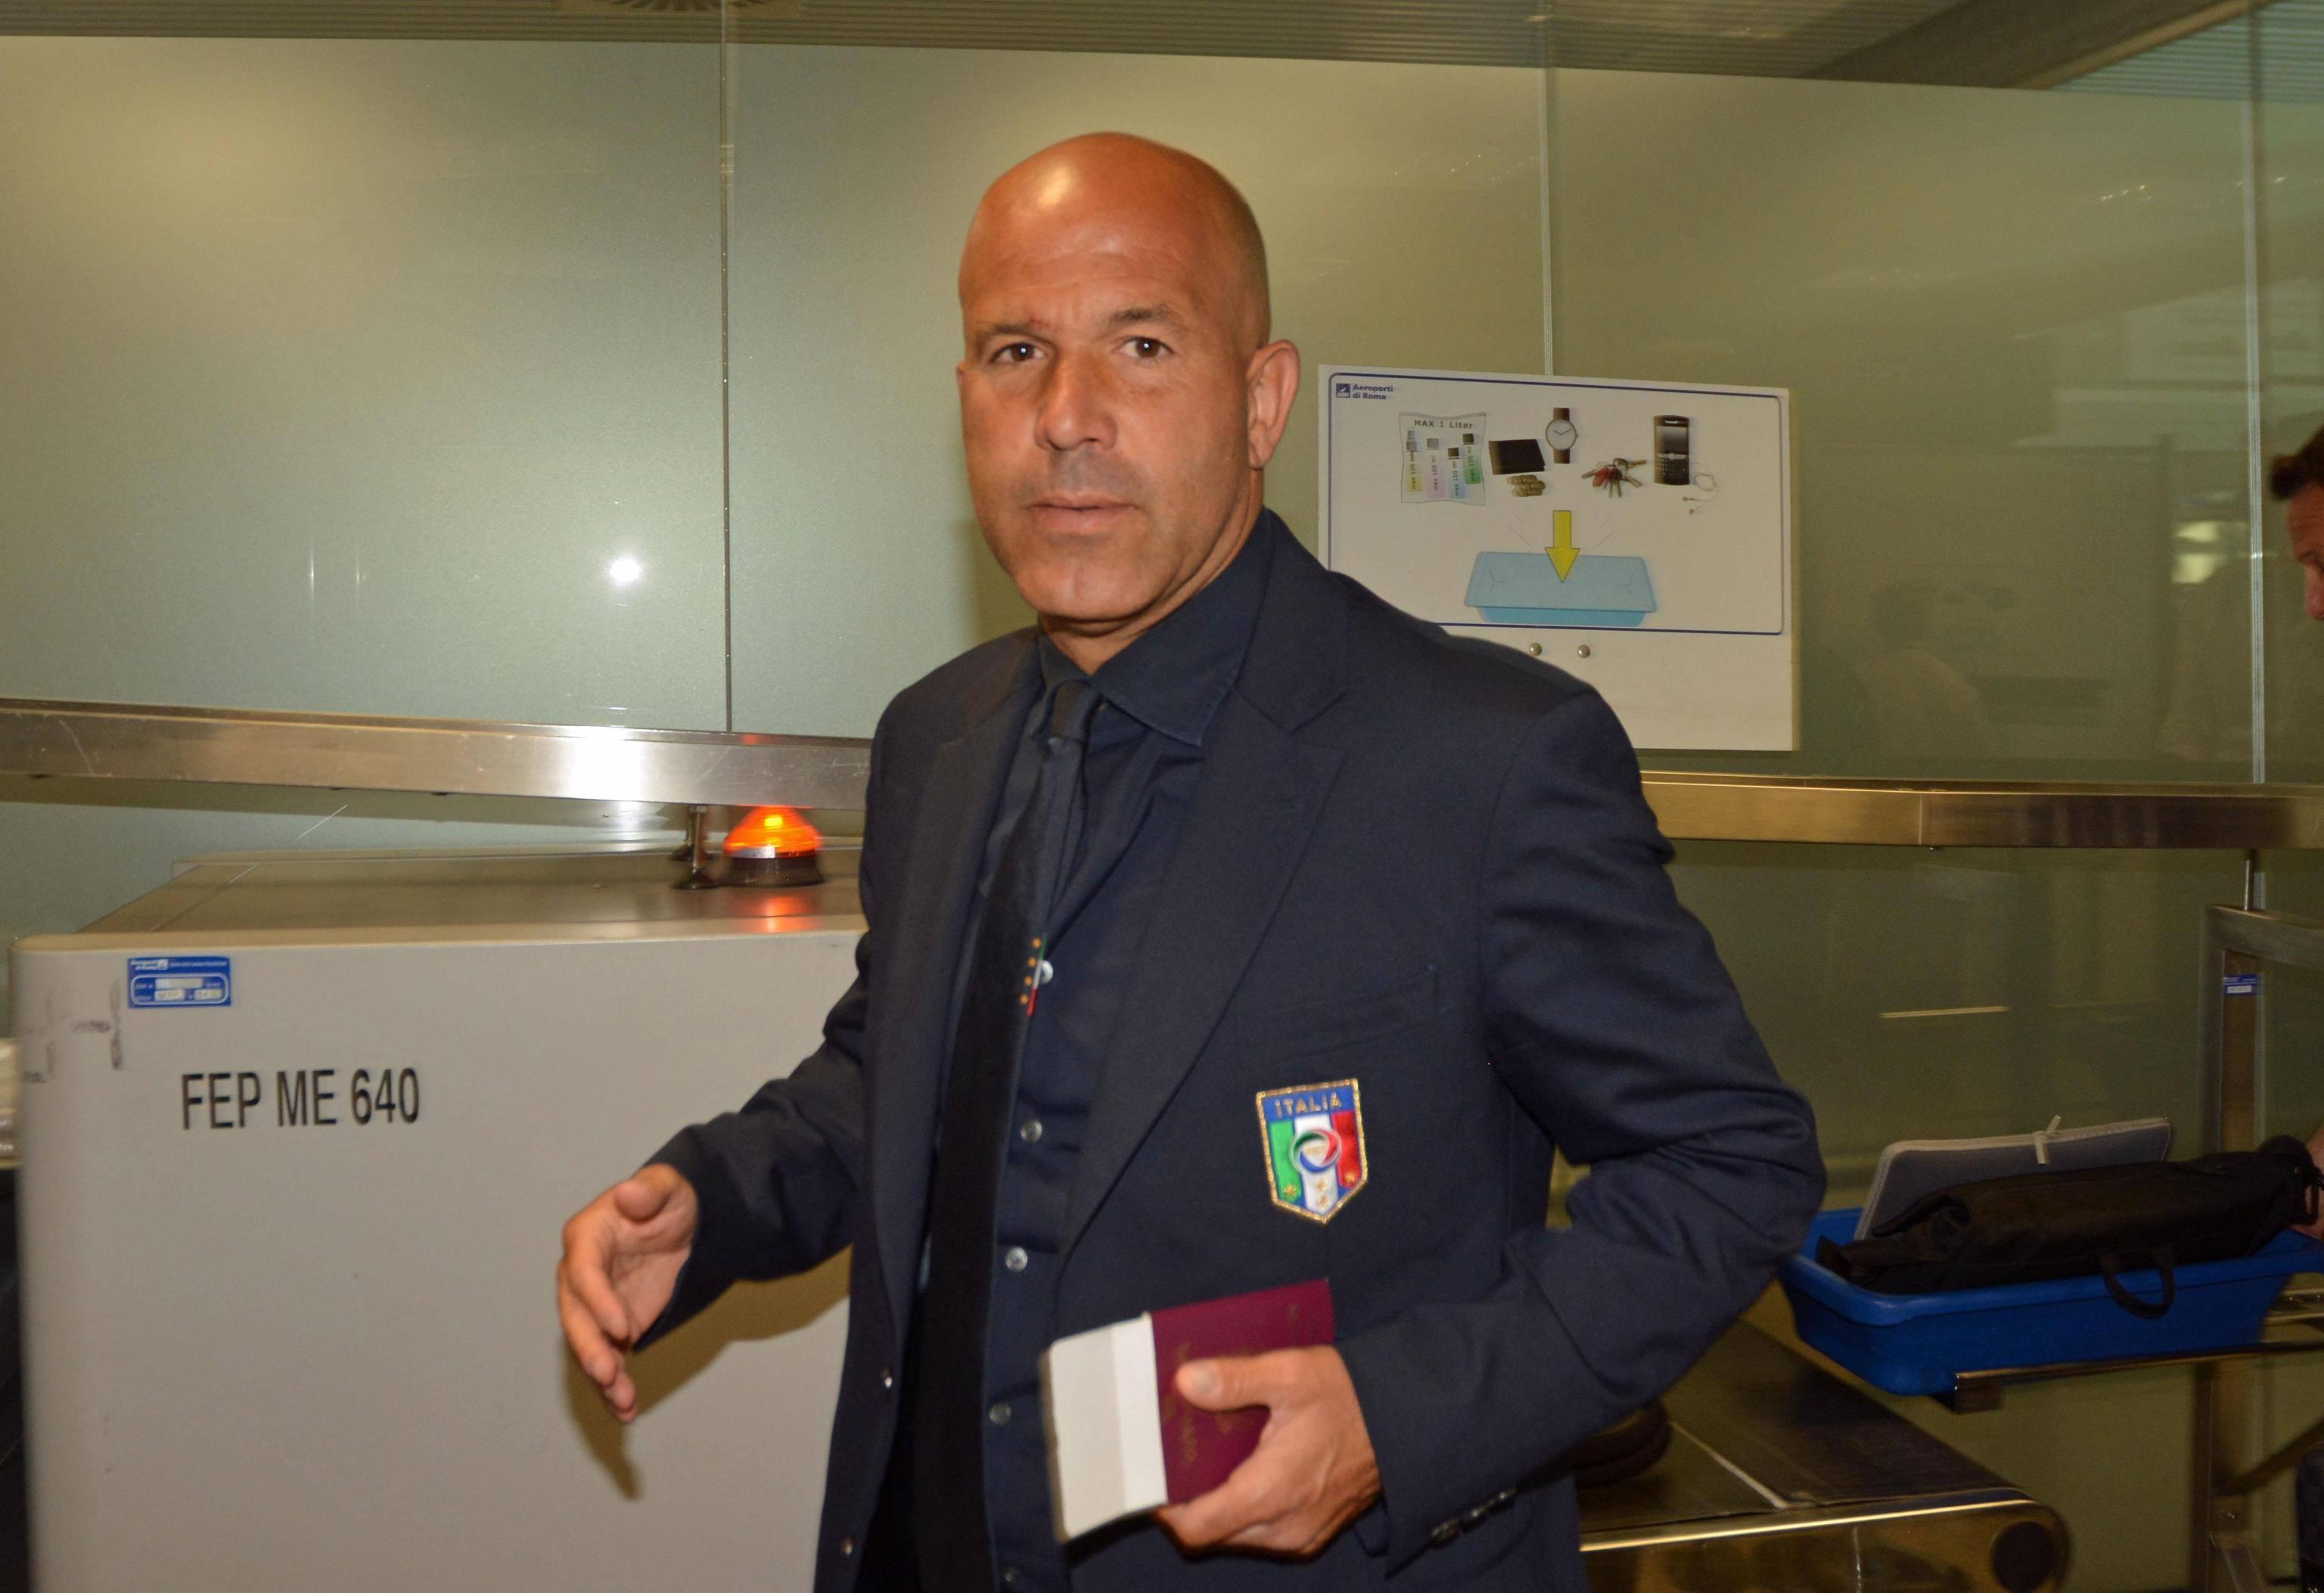 Italia Danimarca Under 21: probabili formazioni e dove vederla in diretta TV e in streaming